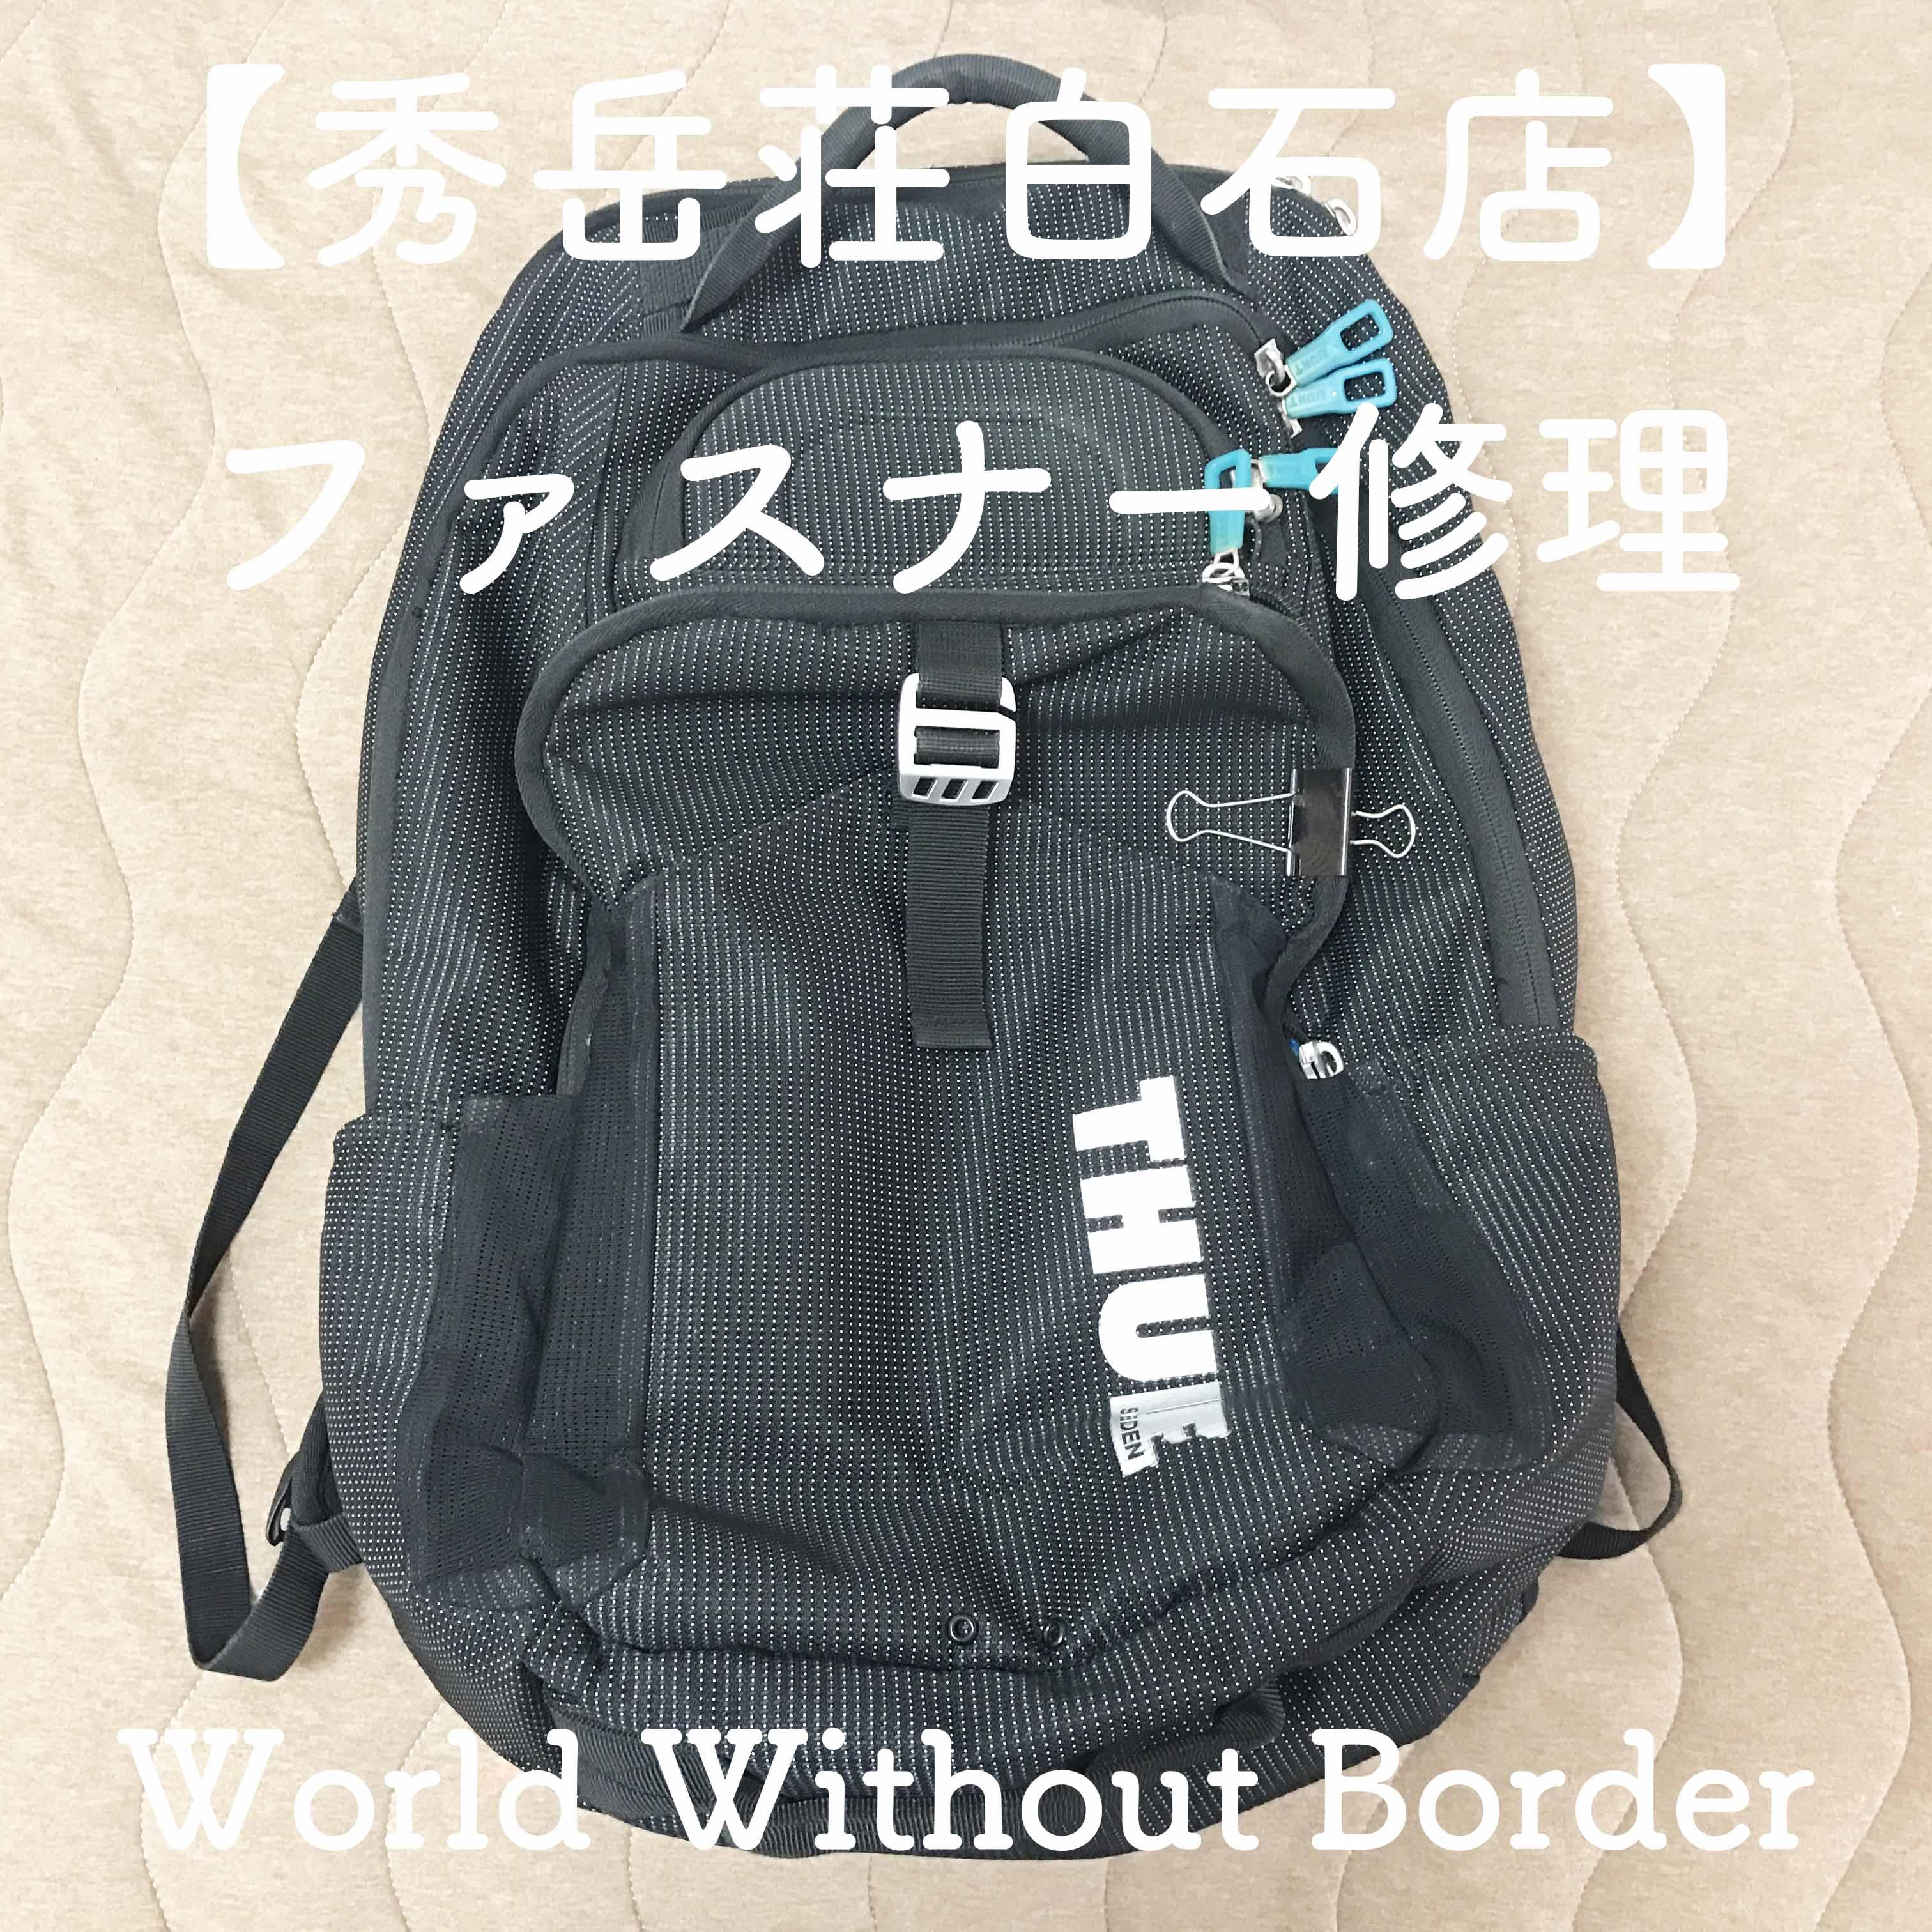 札幌でアウトドア用品・バックパック・ファスナー修理は秀岳荘